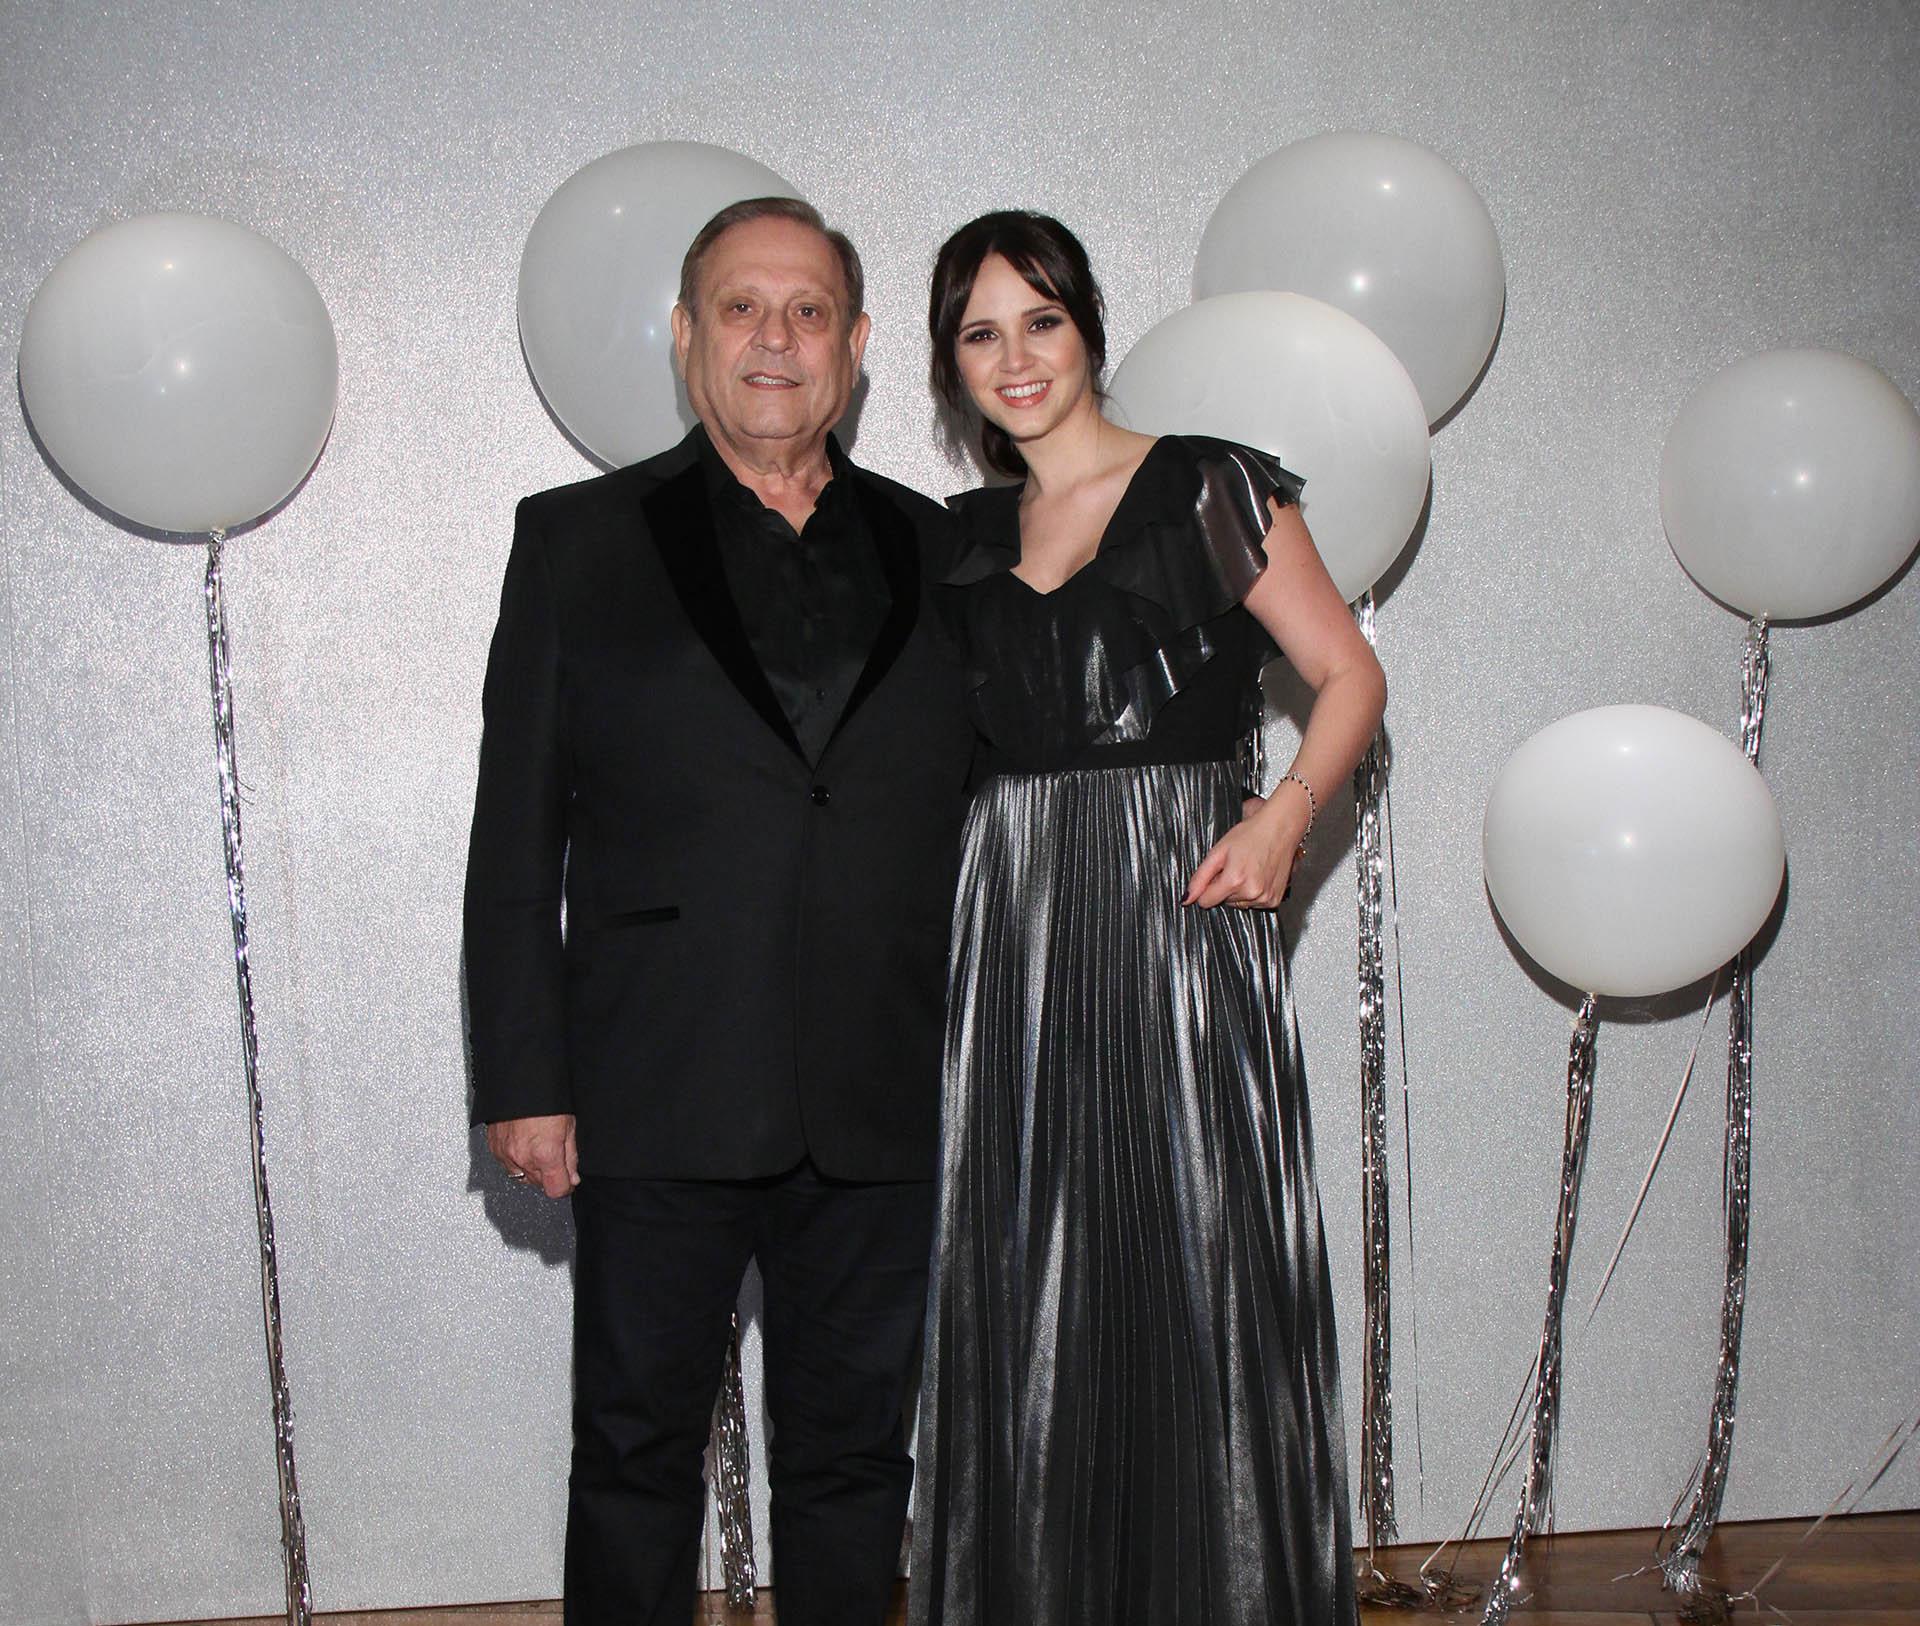 Natalí Márquez junto a su marido, Néstor Abatidaga, director general corporativo del Grupo Sancor Seguros